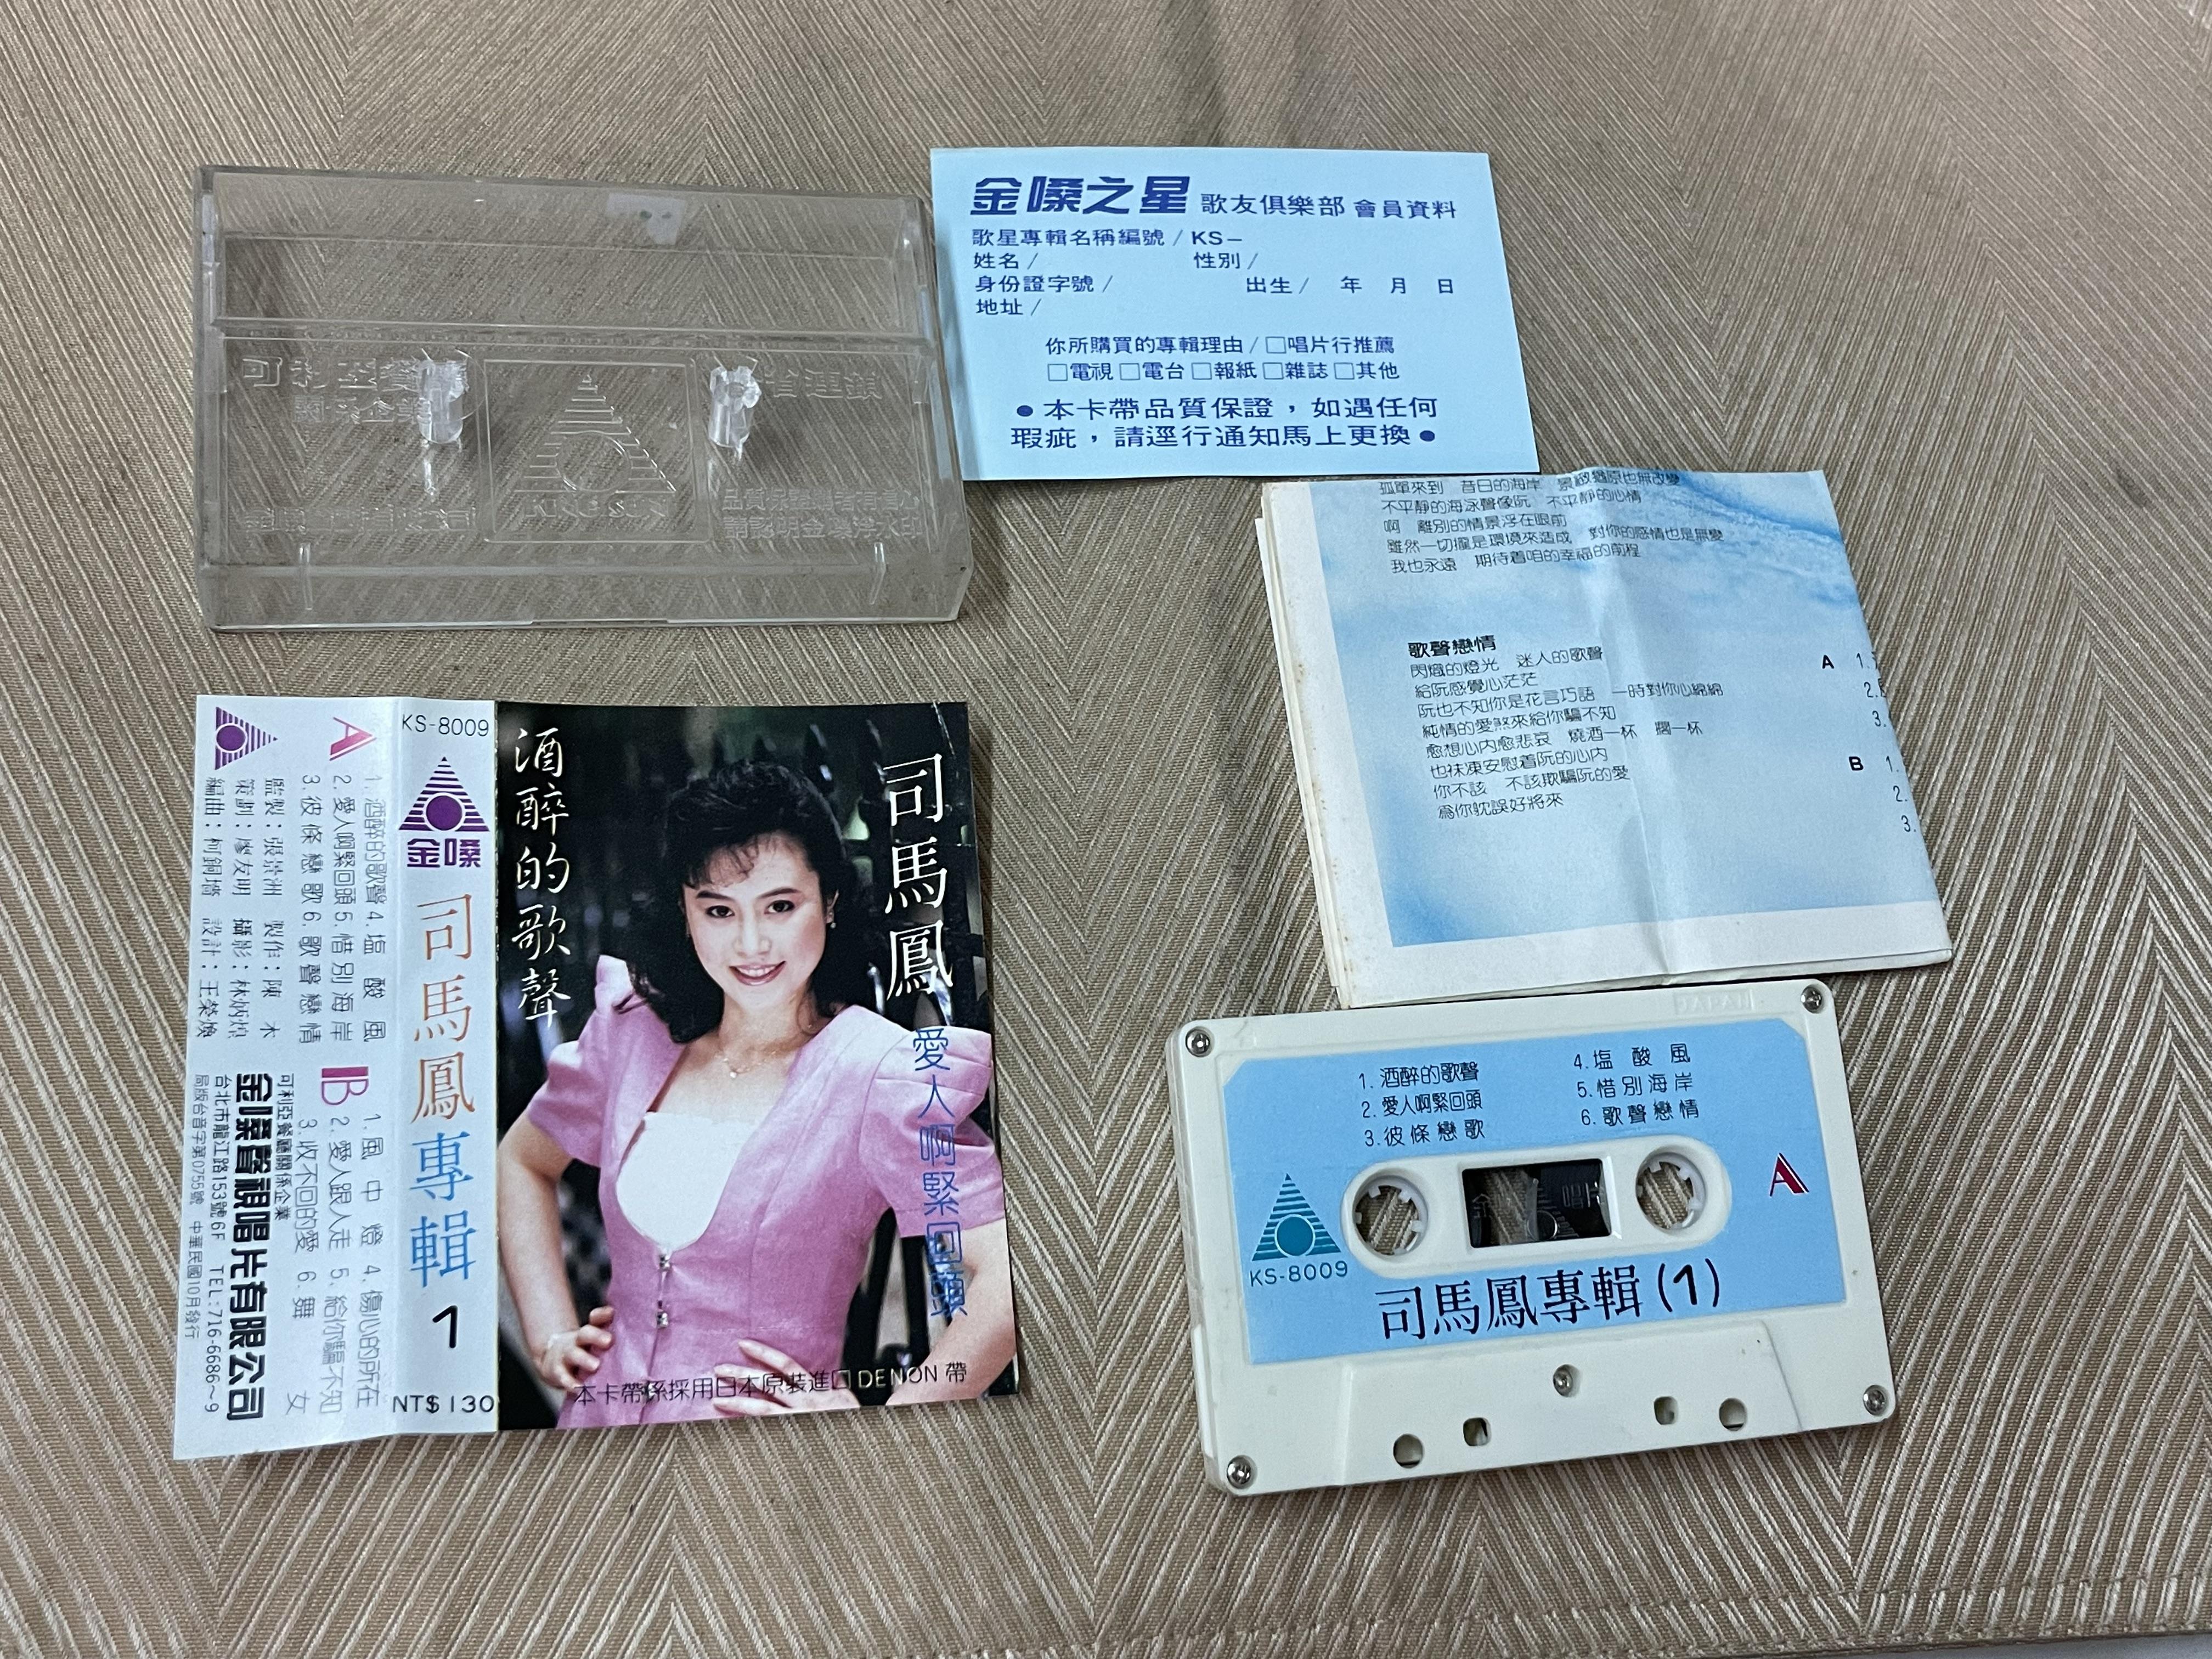 李歐的音樂】金嗓聲視音樂帶1980年代 司馬鳳專輯酒醉的歌聲惜別海岸歌聲戀情傷心的所在 舞女收不回的愛 錄音帶